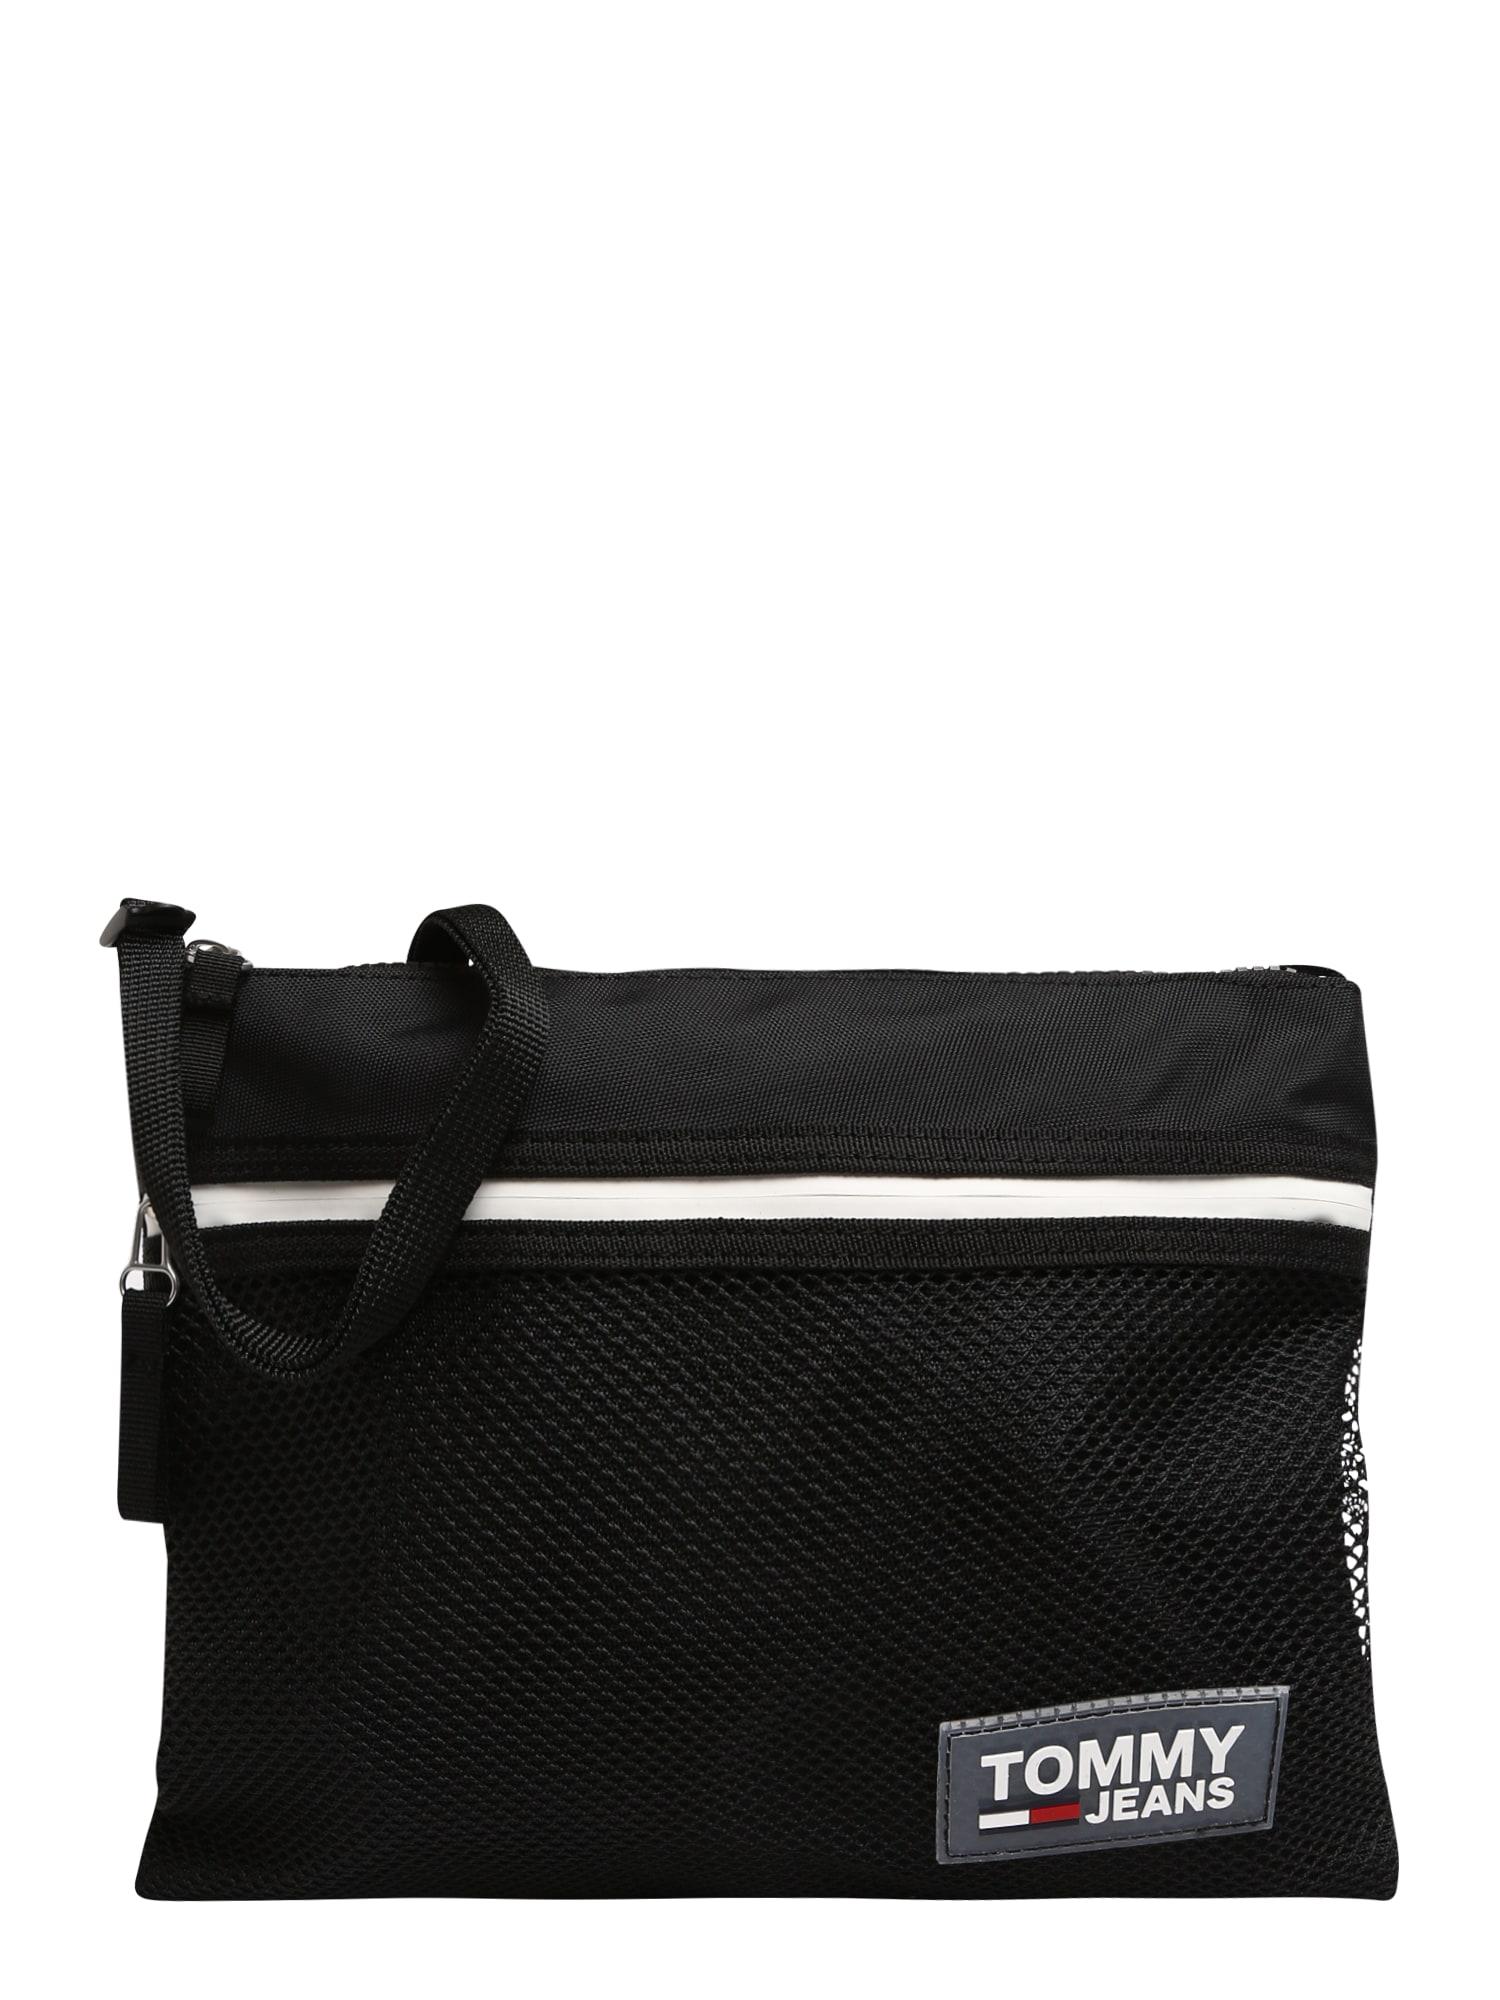 Taška přes rameno Urban Pouch černá Tommy Jeans